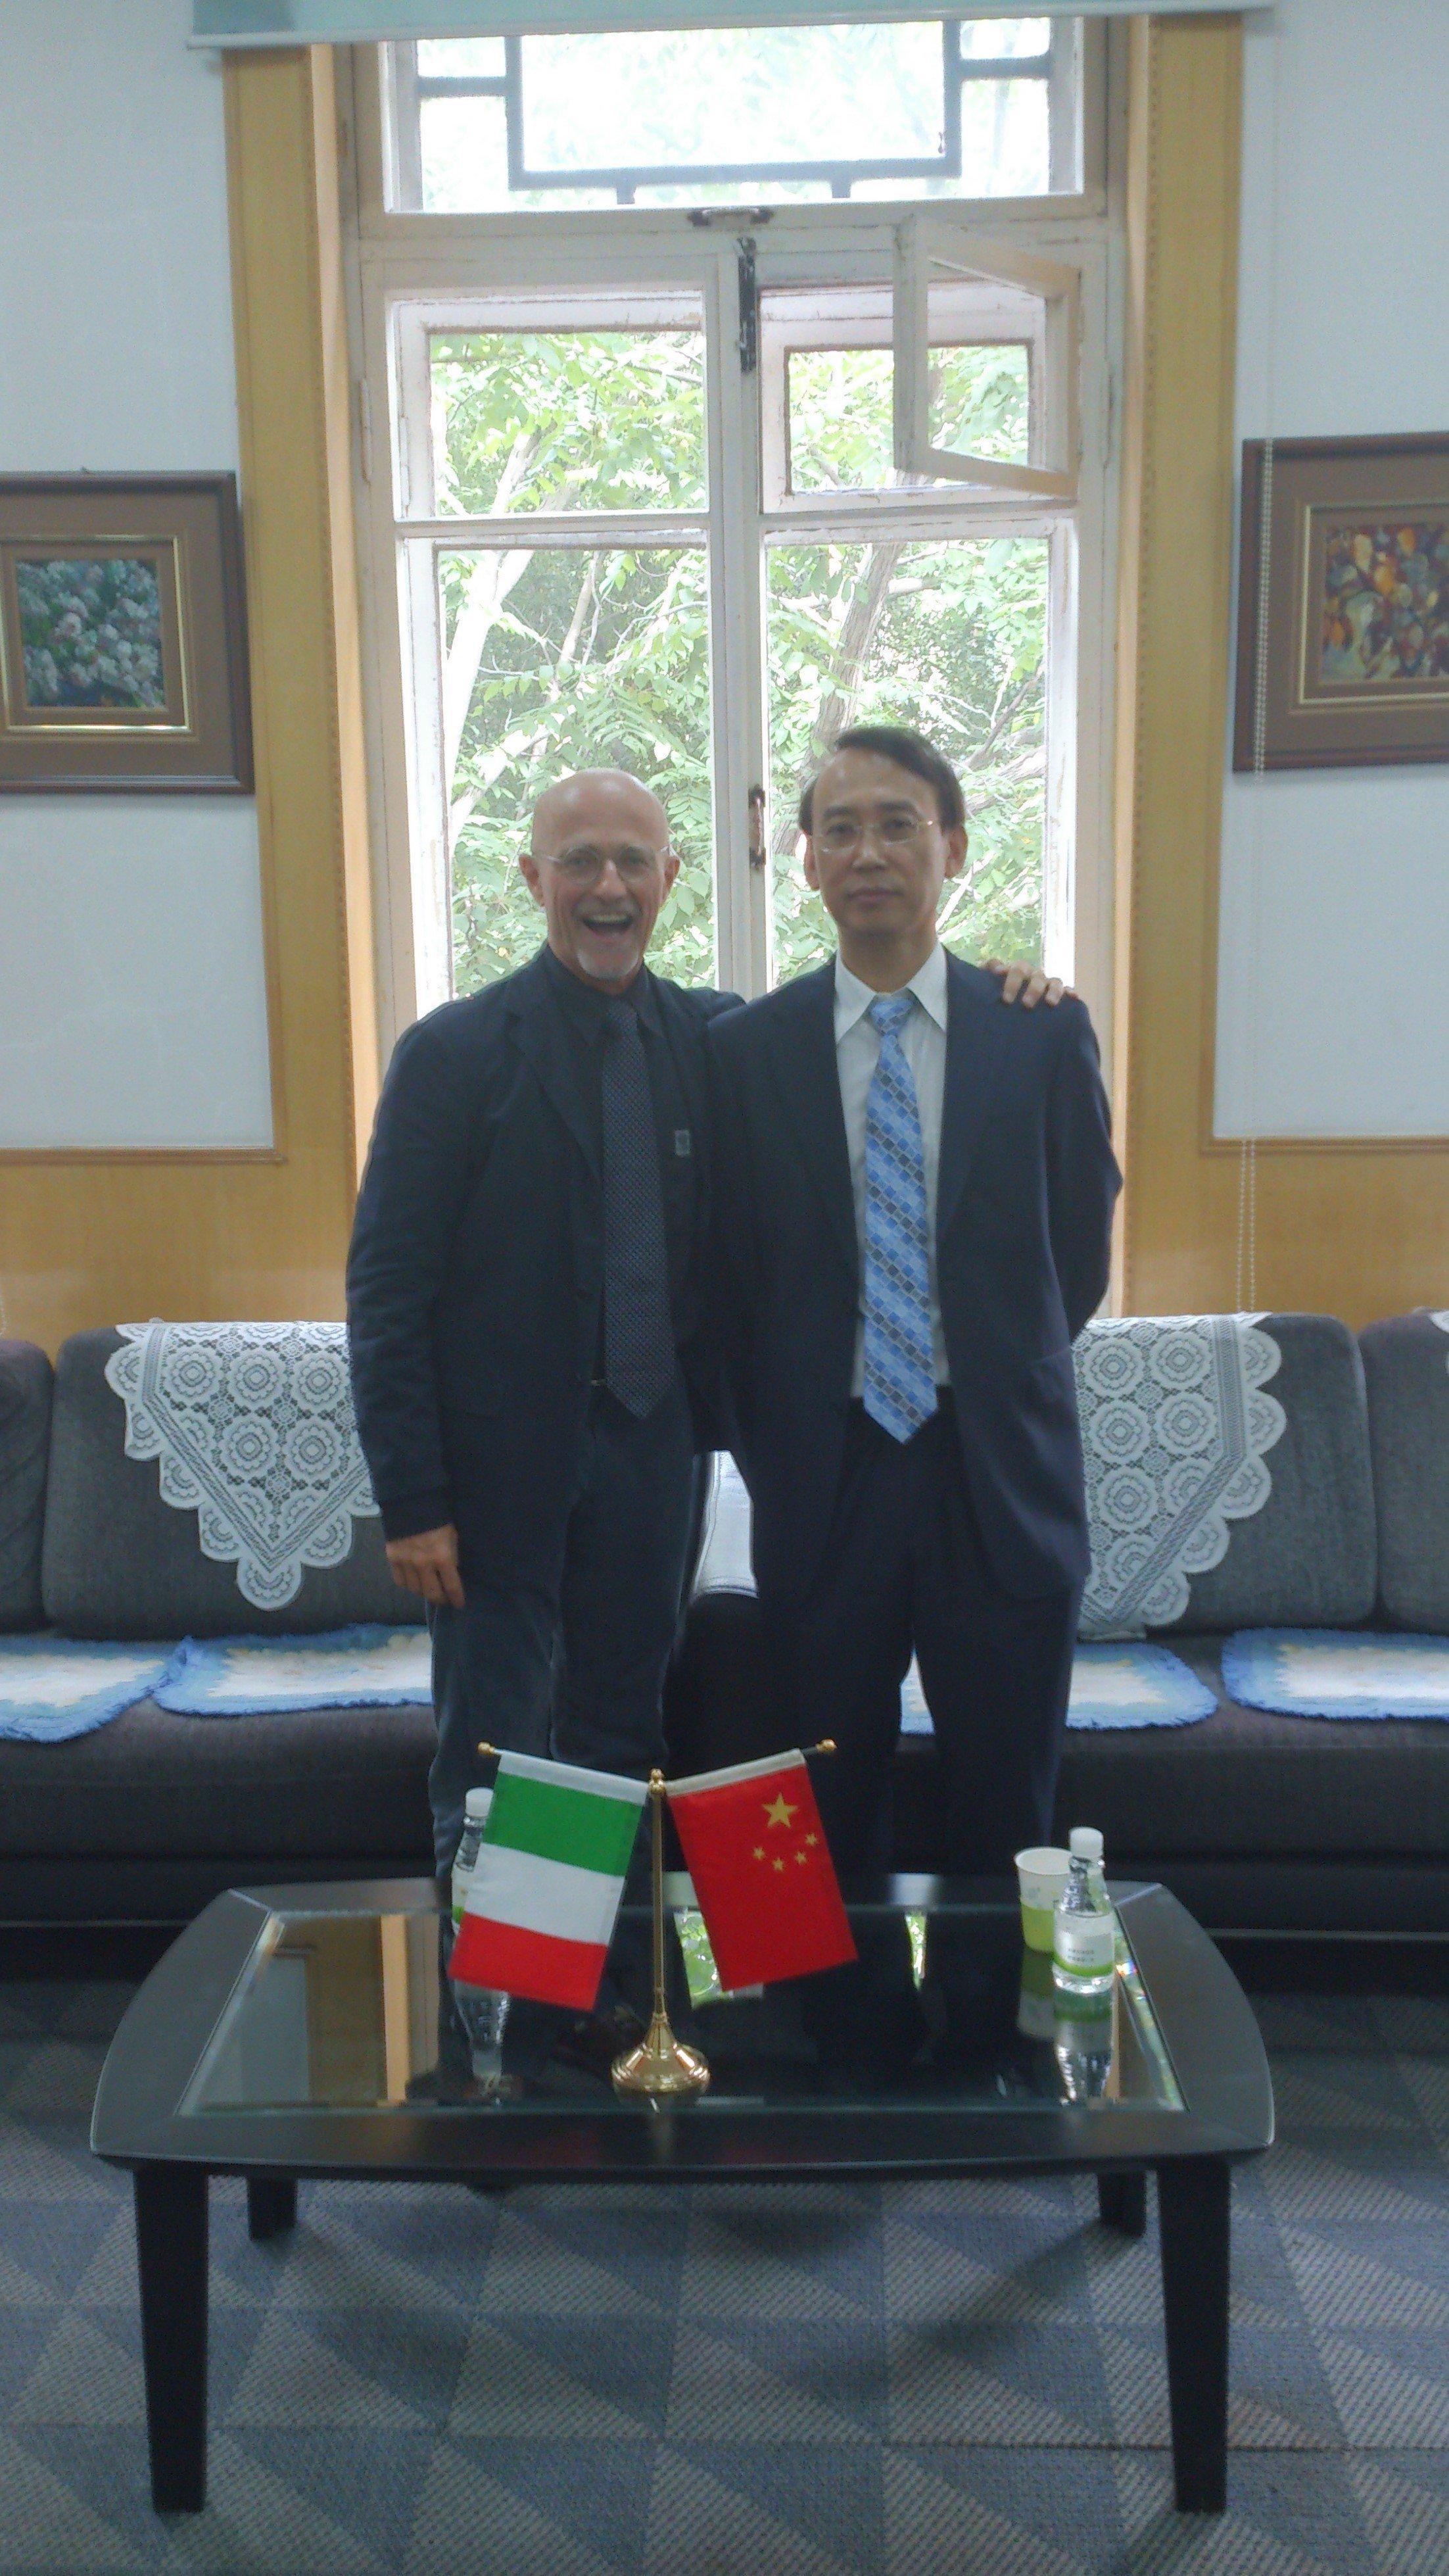 Le chirurgien Sergio Canavero avec le professeur Xiaoping Ren